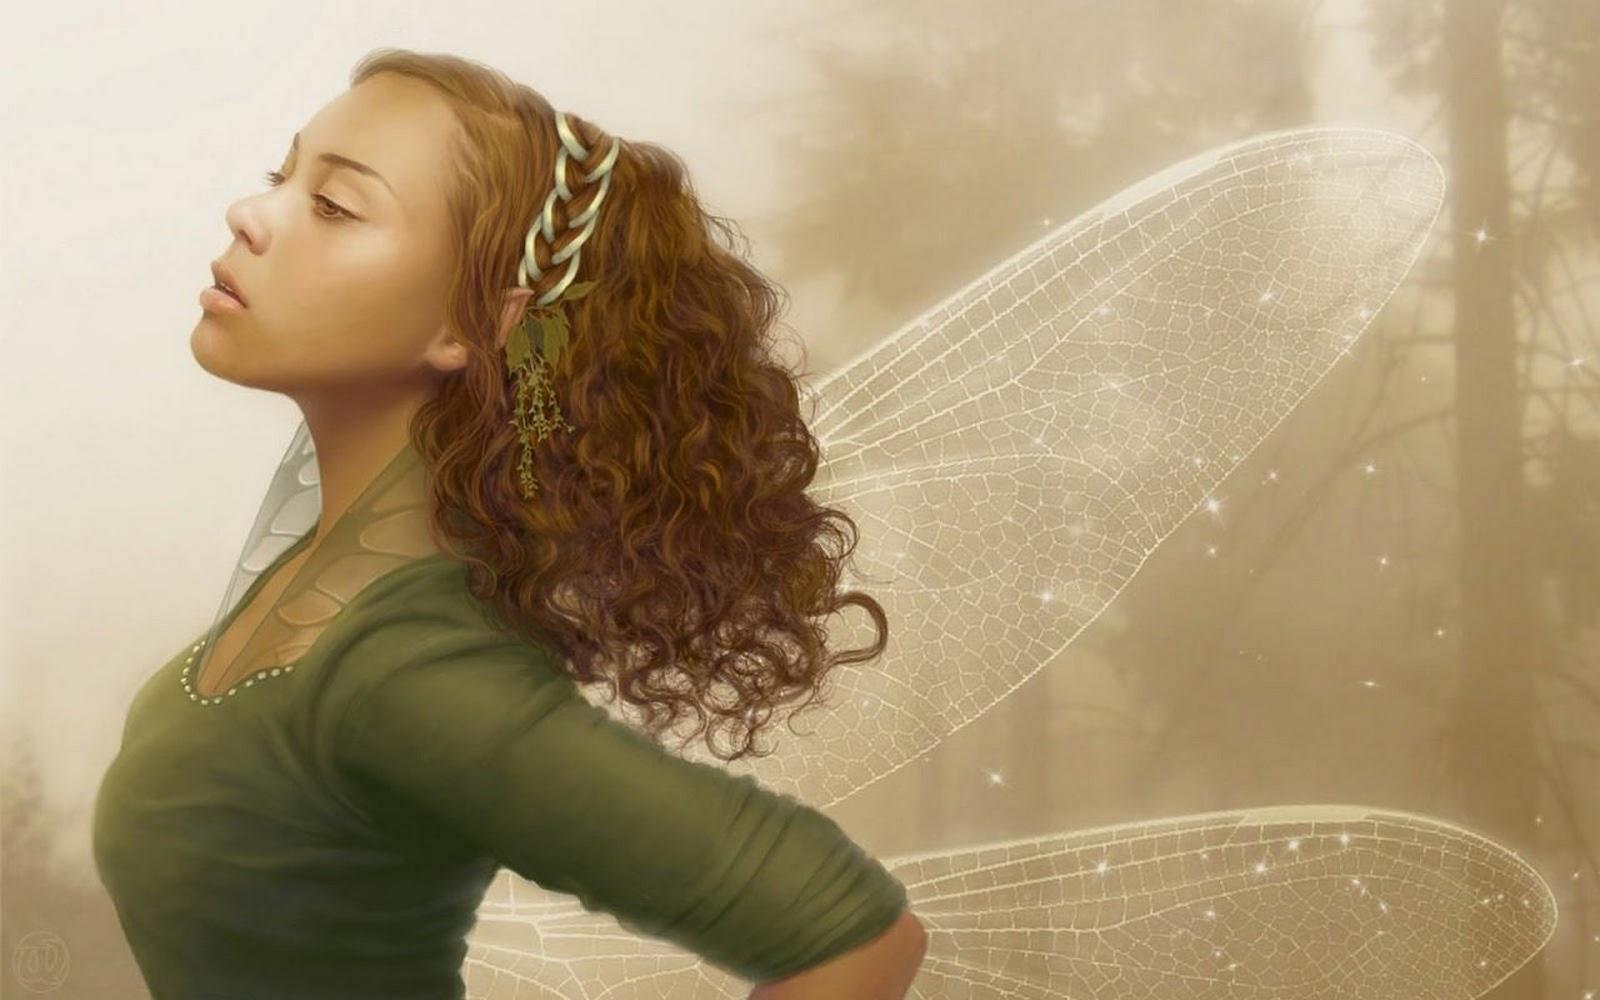 http://4.bp.blogspot.com/-mGgD_2erLa8/UIvC6QXTEaI/AAAAAAAAE7s/heX7NxvUvLw/s1600/Photoshop+creative+angel+tutorials.jpg